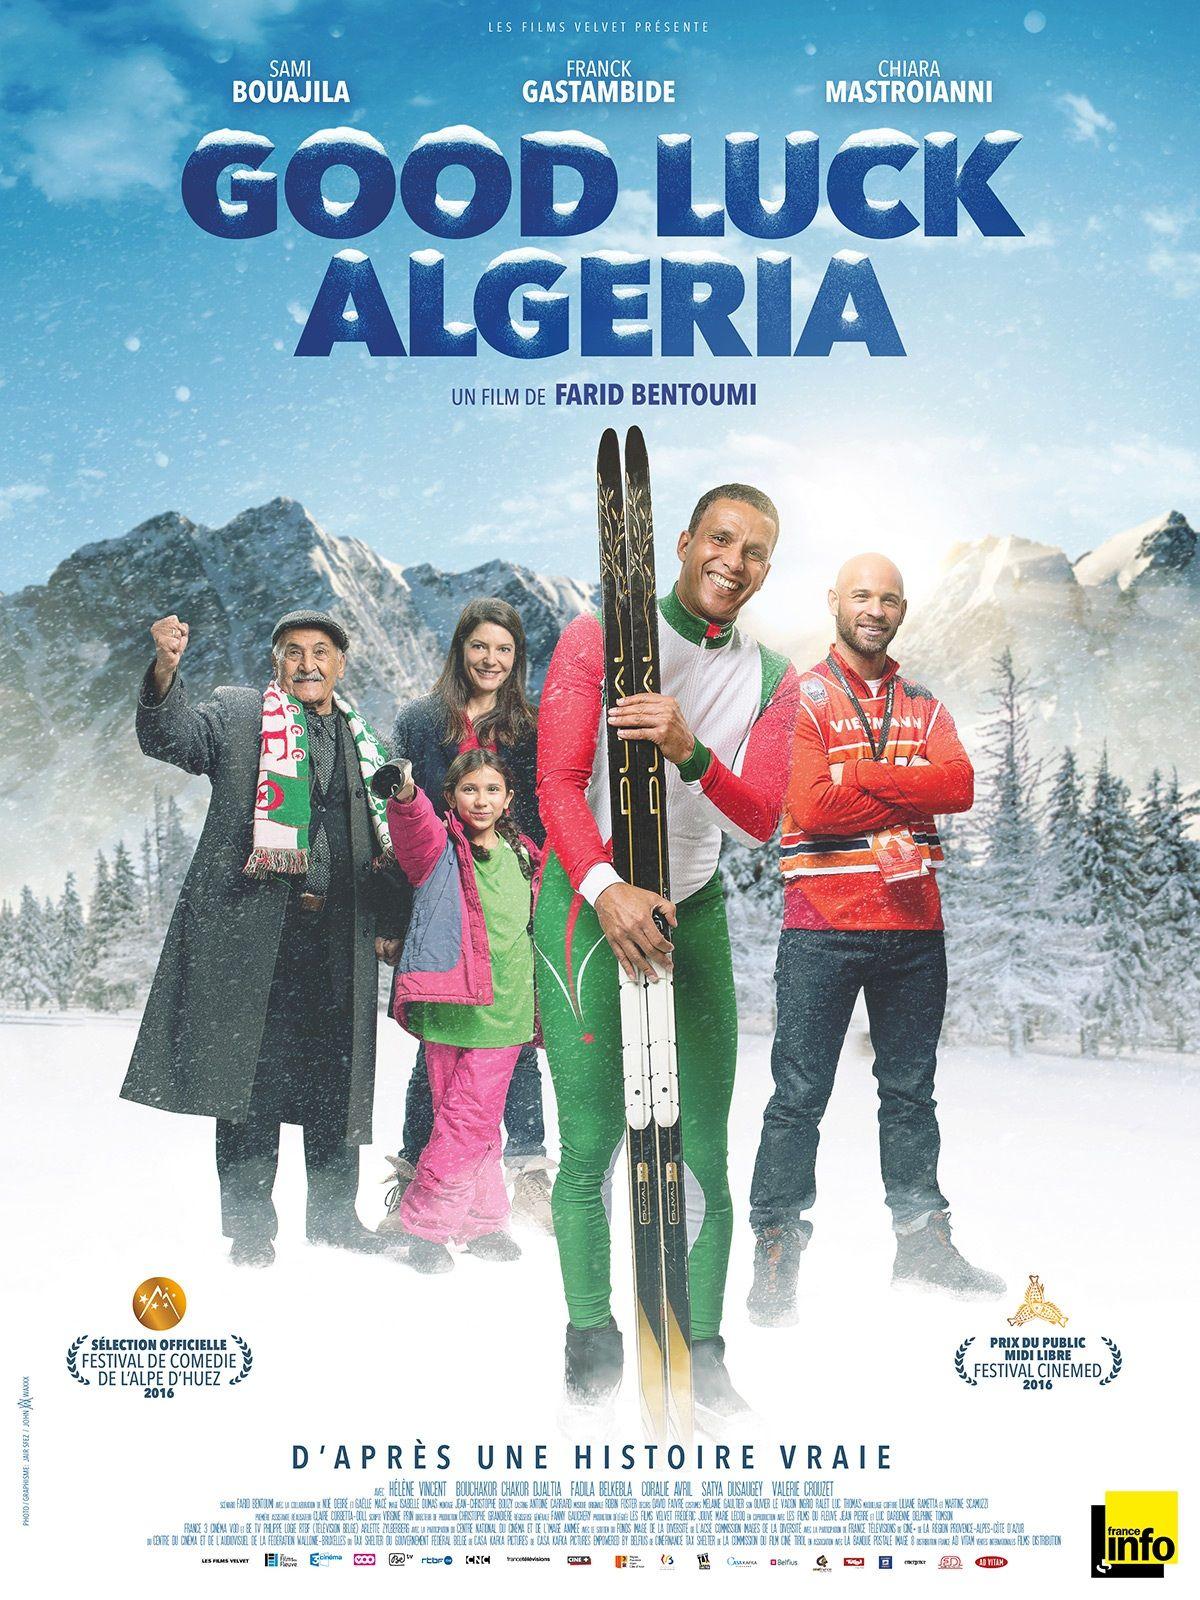 MASCARADES FILM COMPLET TÉLÉCHARGER ALGERIEN